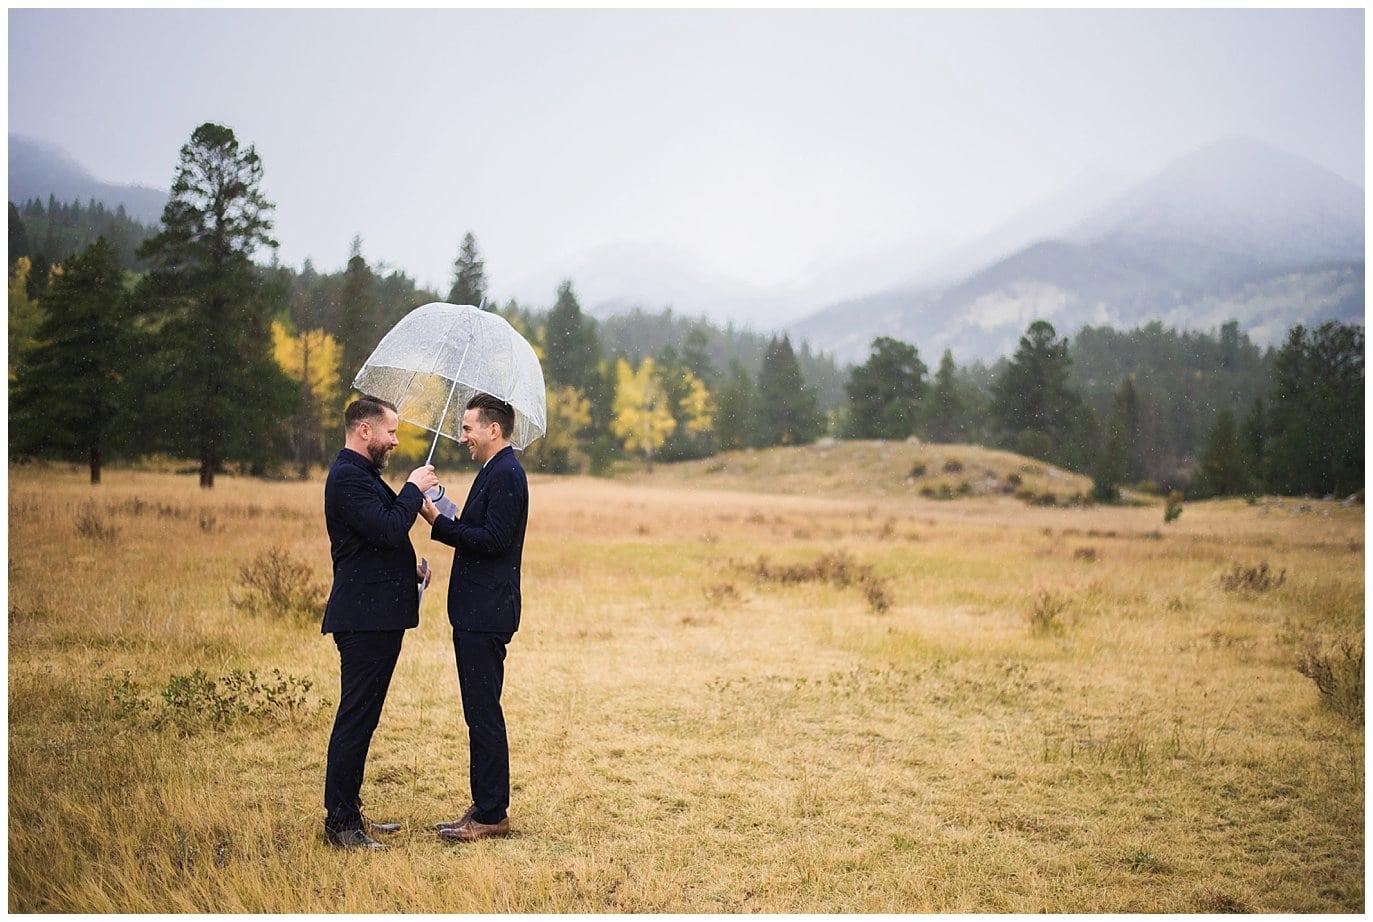 exchanging vows under umbrella photo